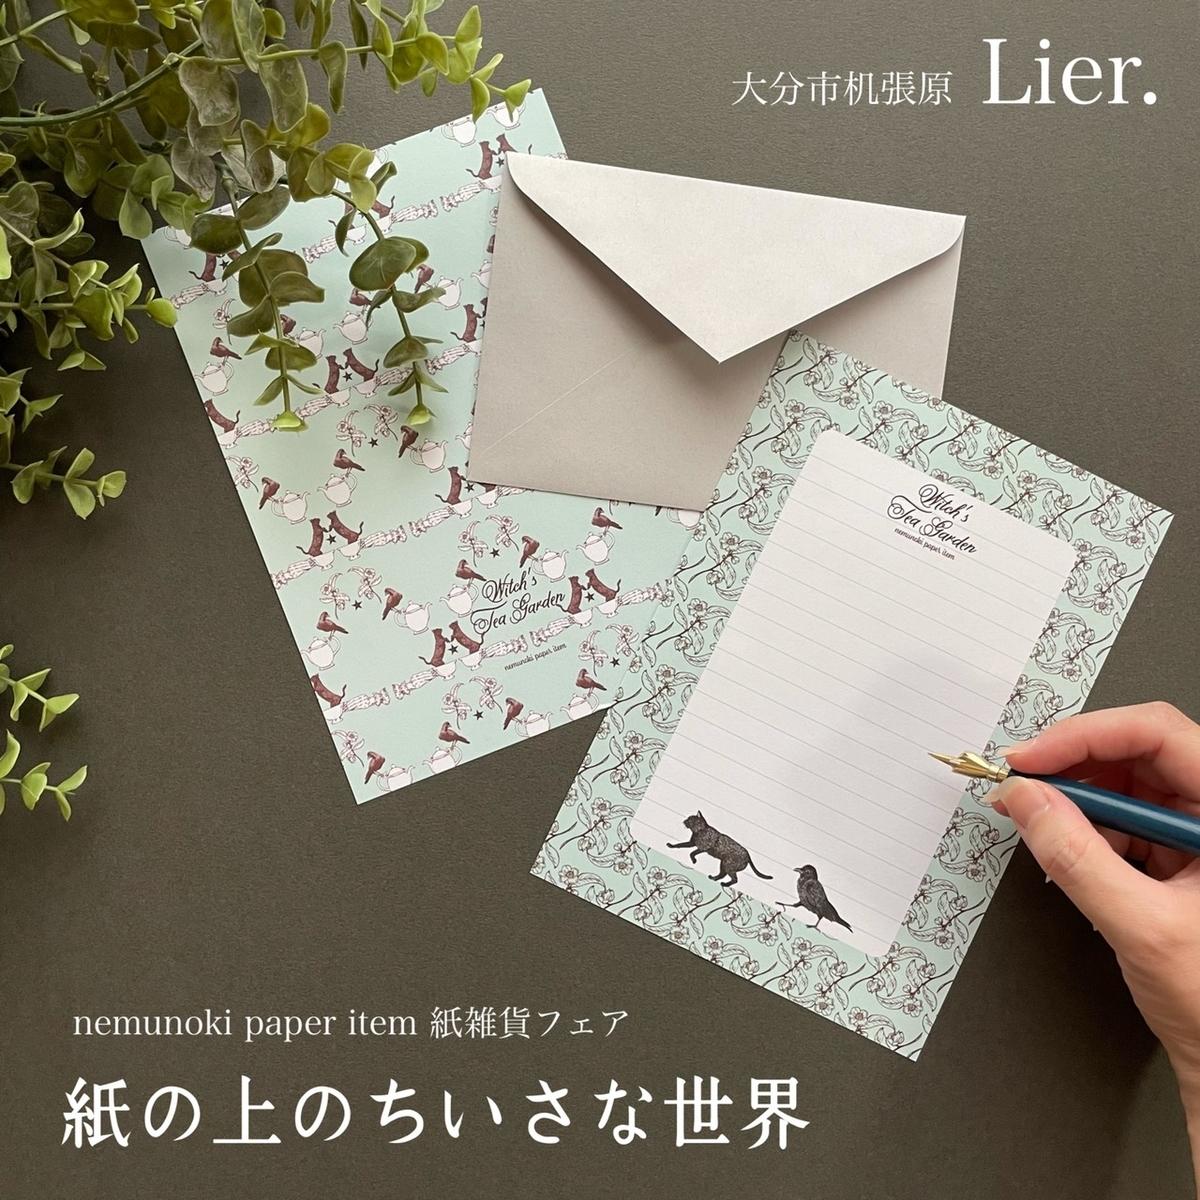 f:id:nemunoki-letter:20210819140757j:plain